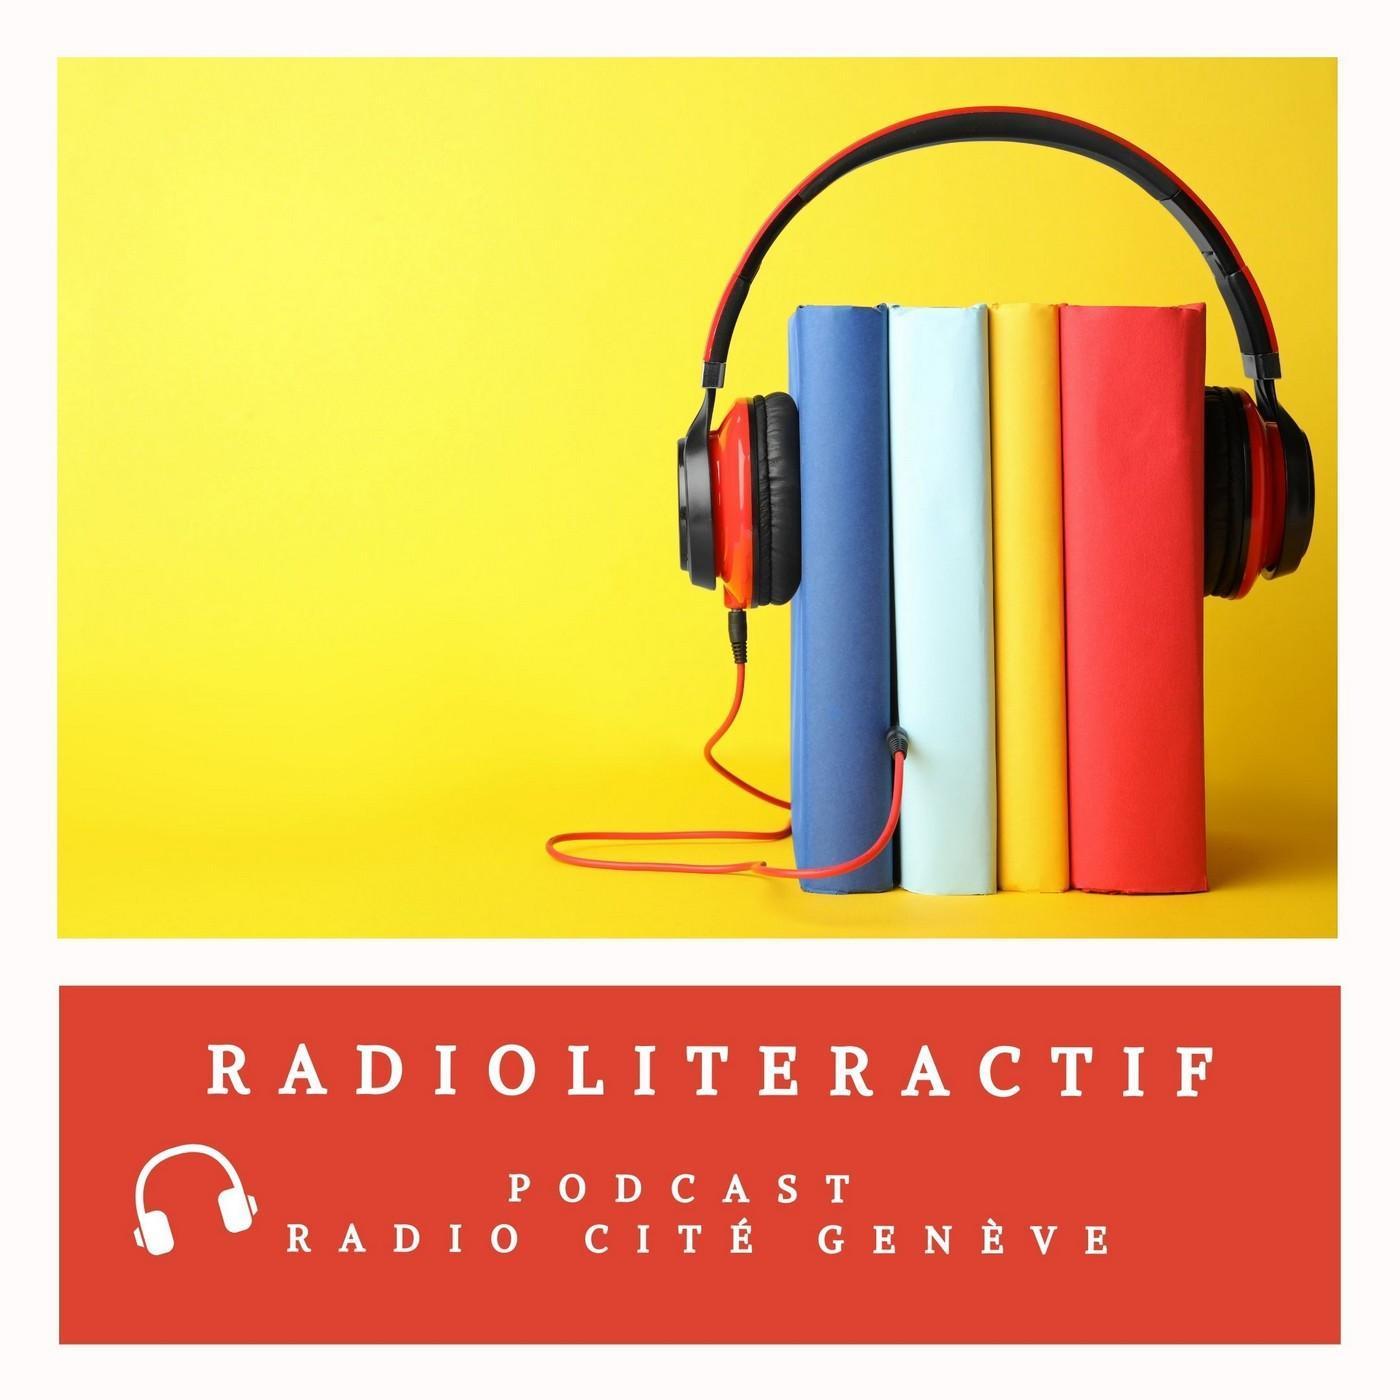 Radioliteractif du 10/05/2021 - Etienne Ghys